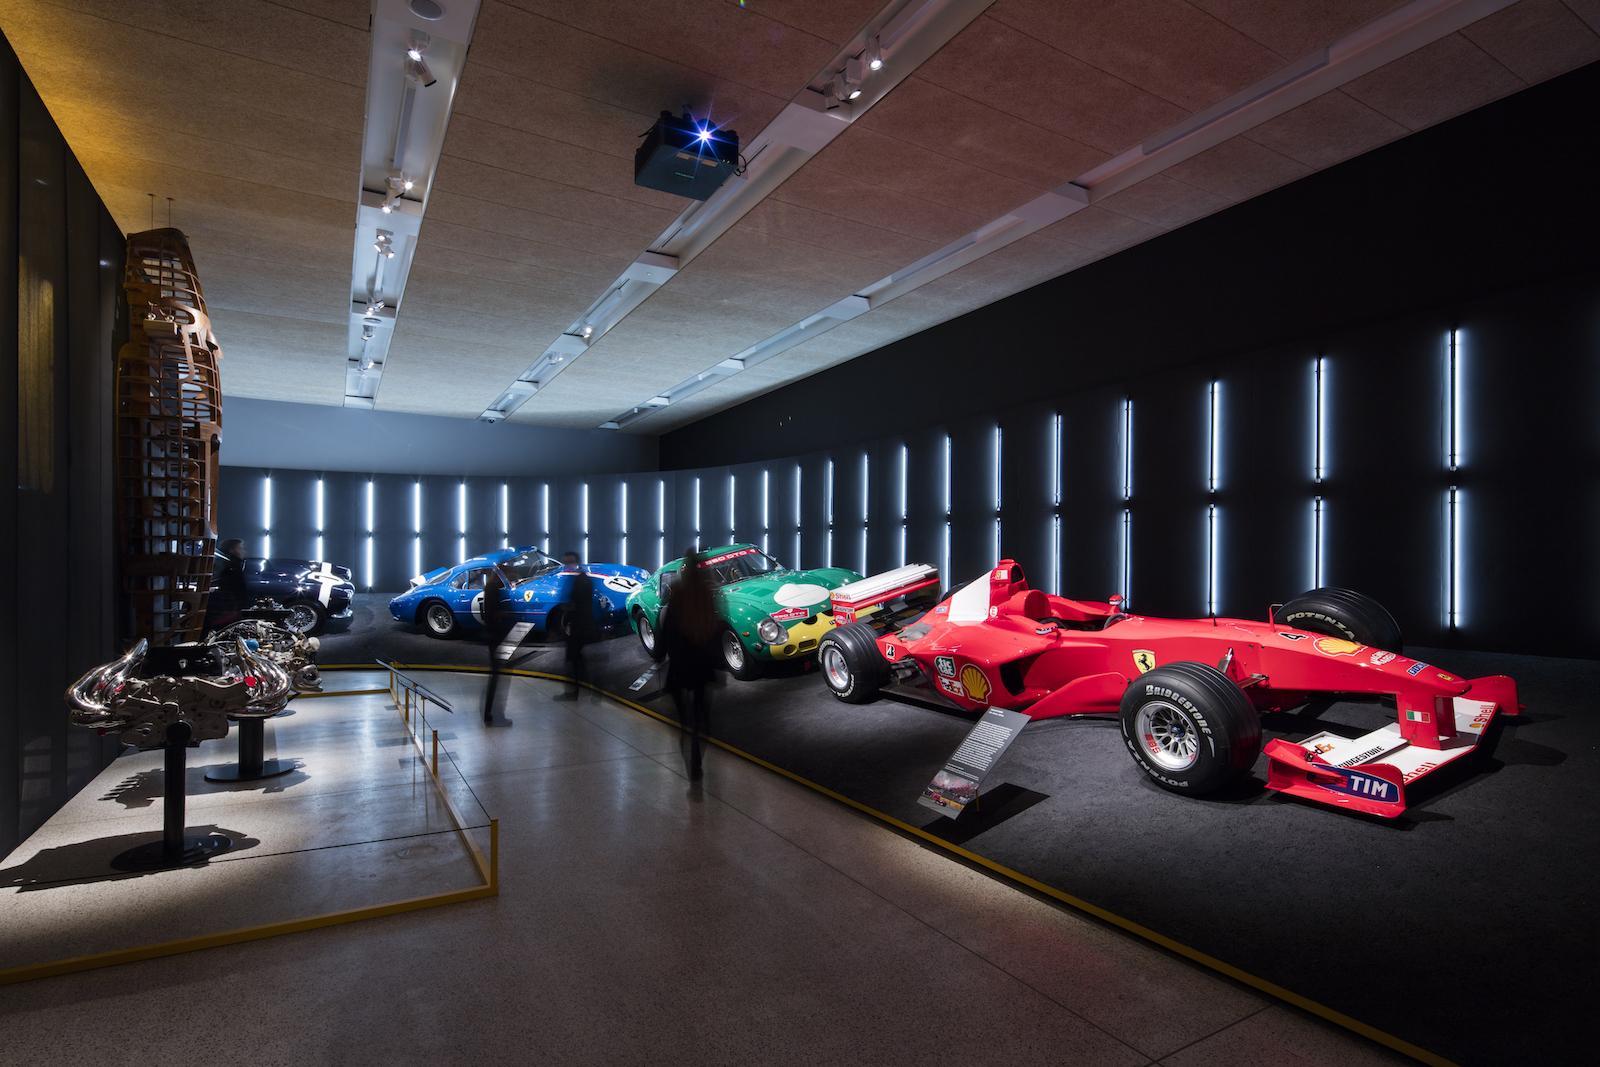 Ferrari at London's Design Museum